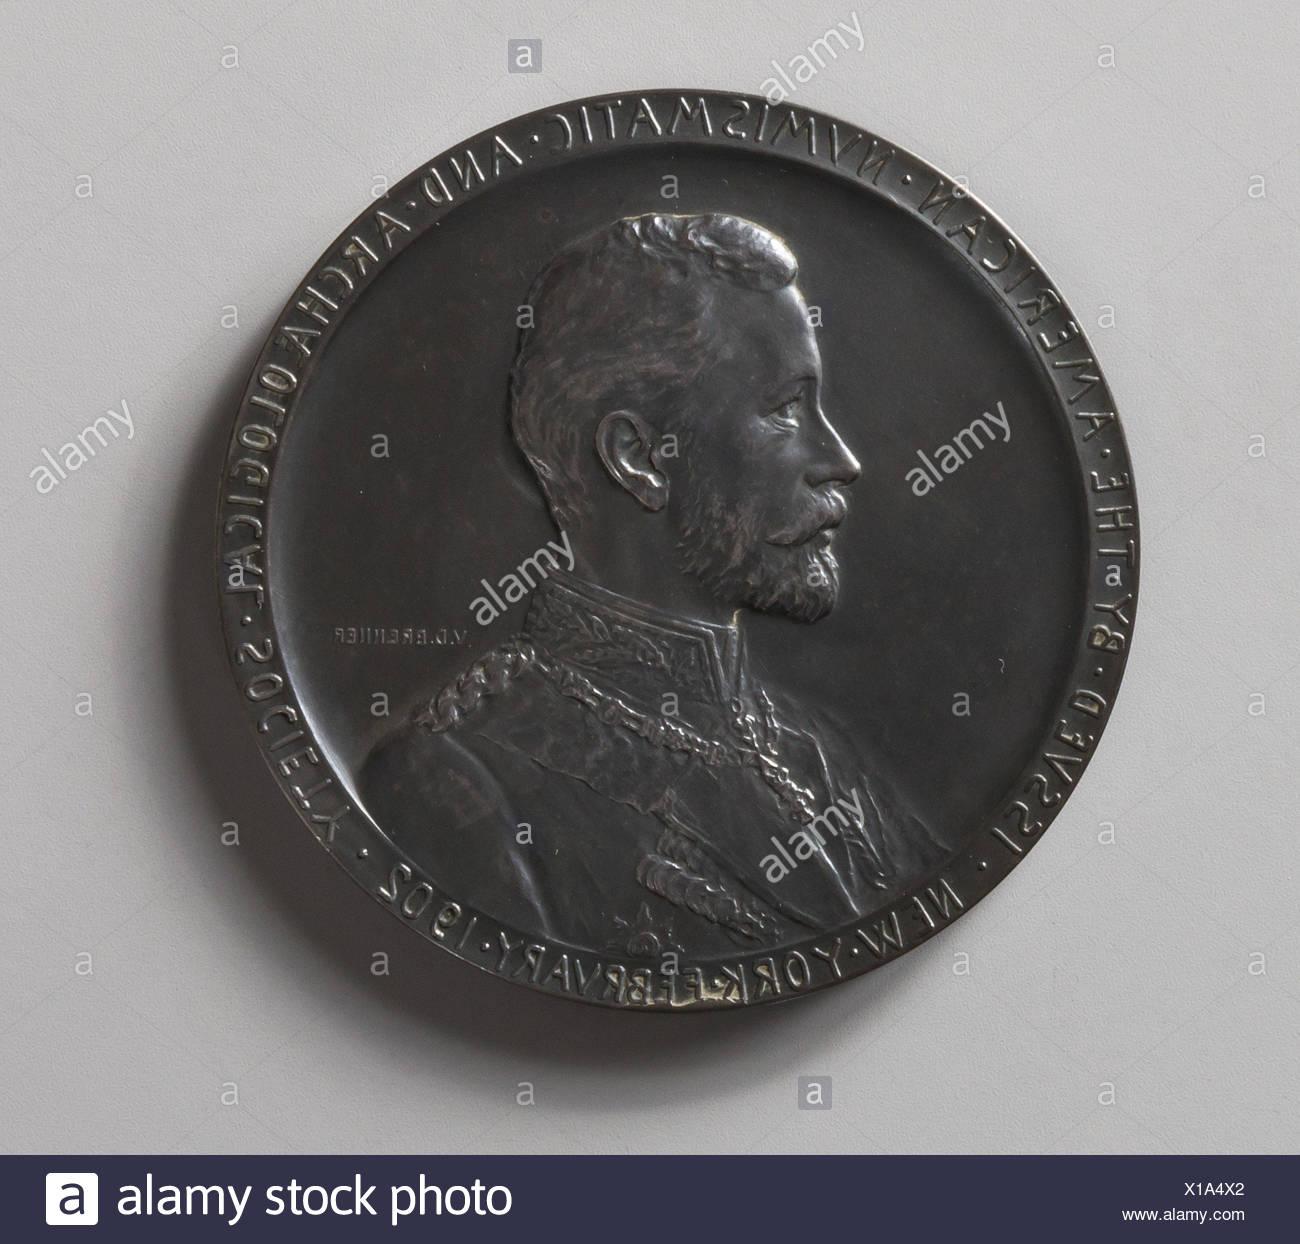 El Príncipe Enrique de Prusia. Artista: Victor David Brenner (American (nacido en Kaunas, Lituania), Nueva York, 1871-1924); Fecha: 1902; Medio: Plata; Dimensiones: Foto de stock